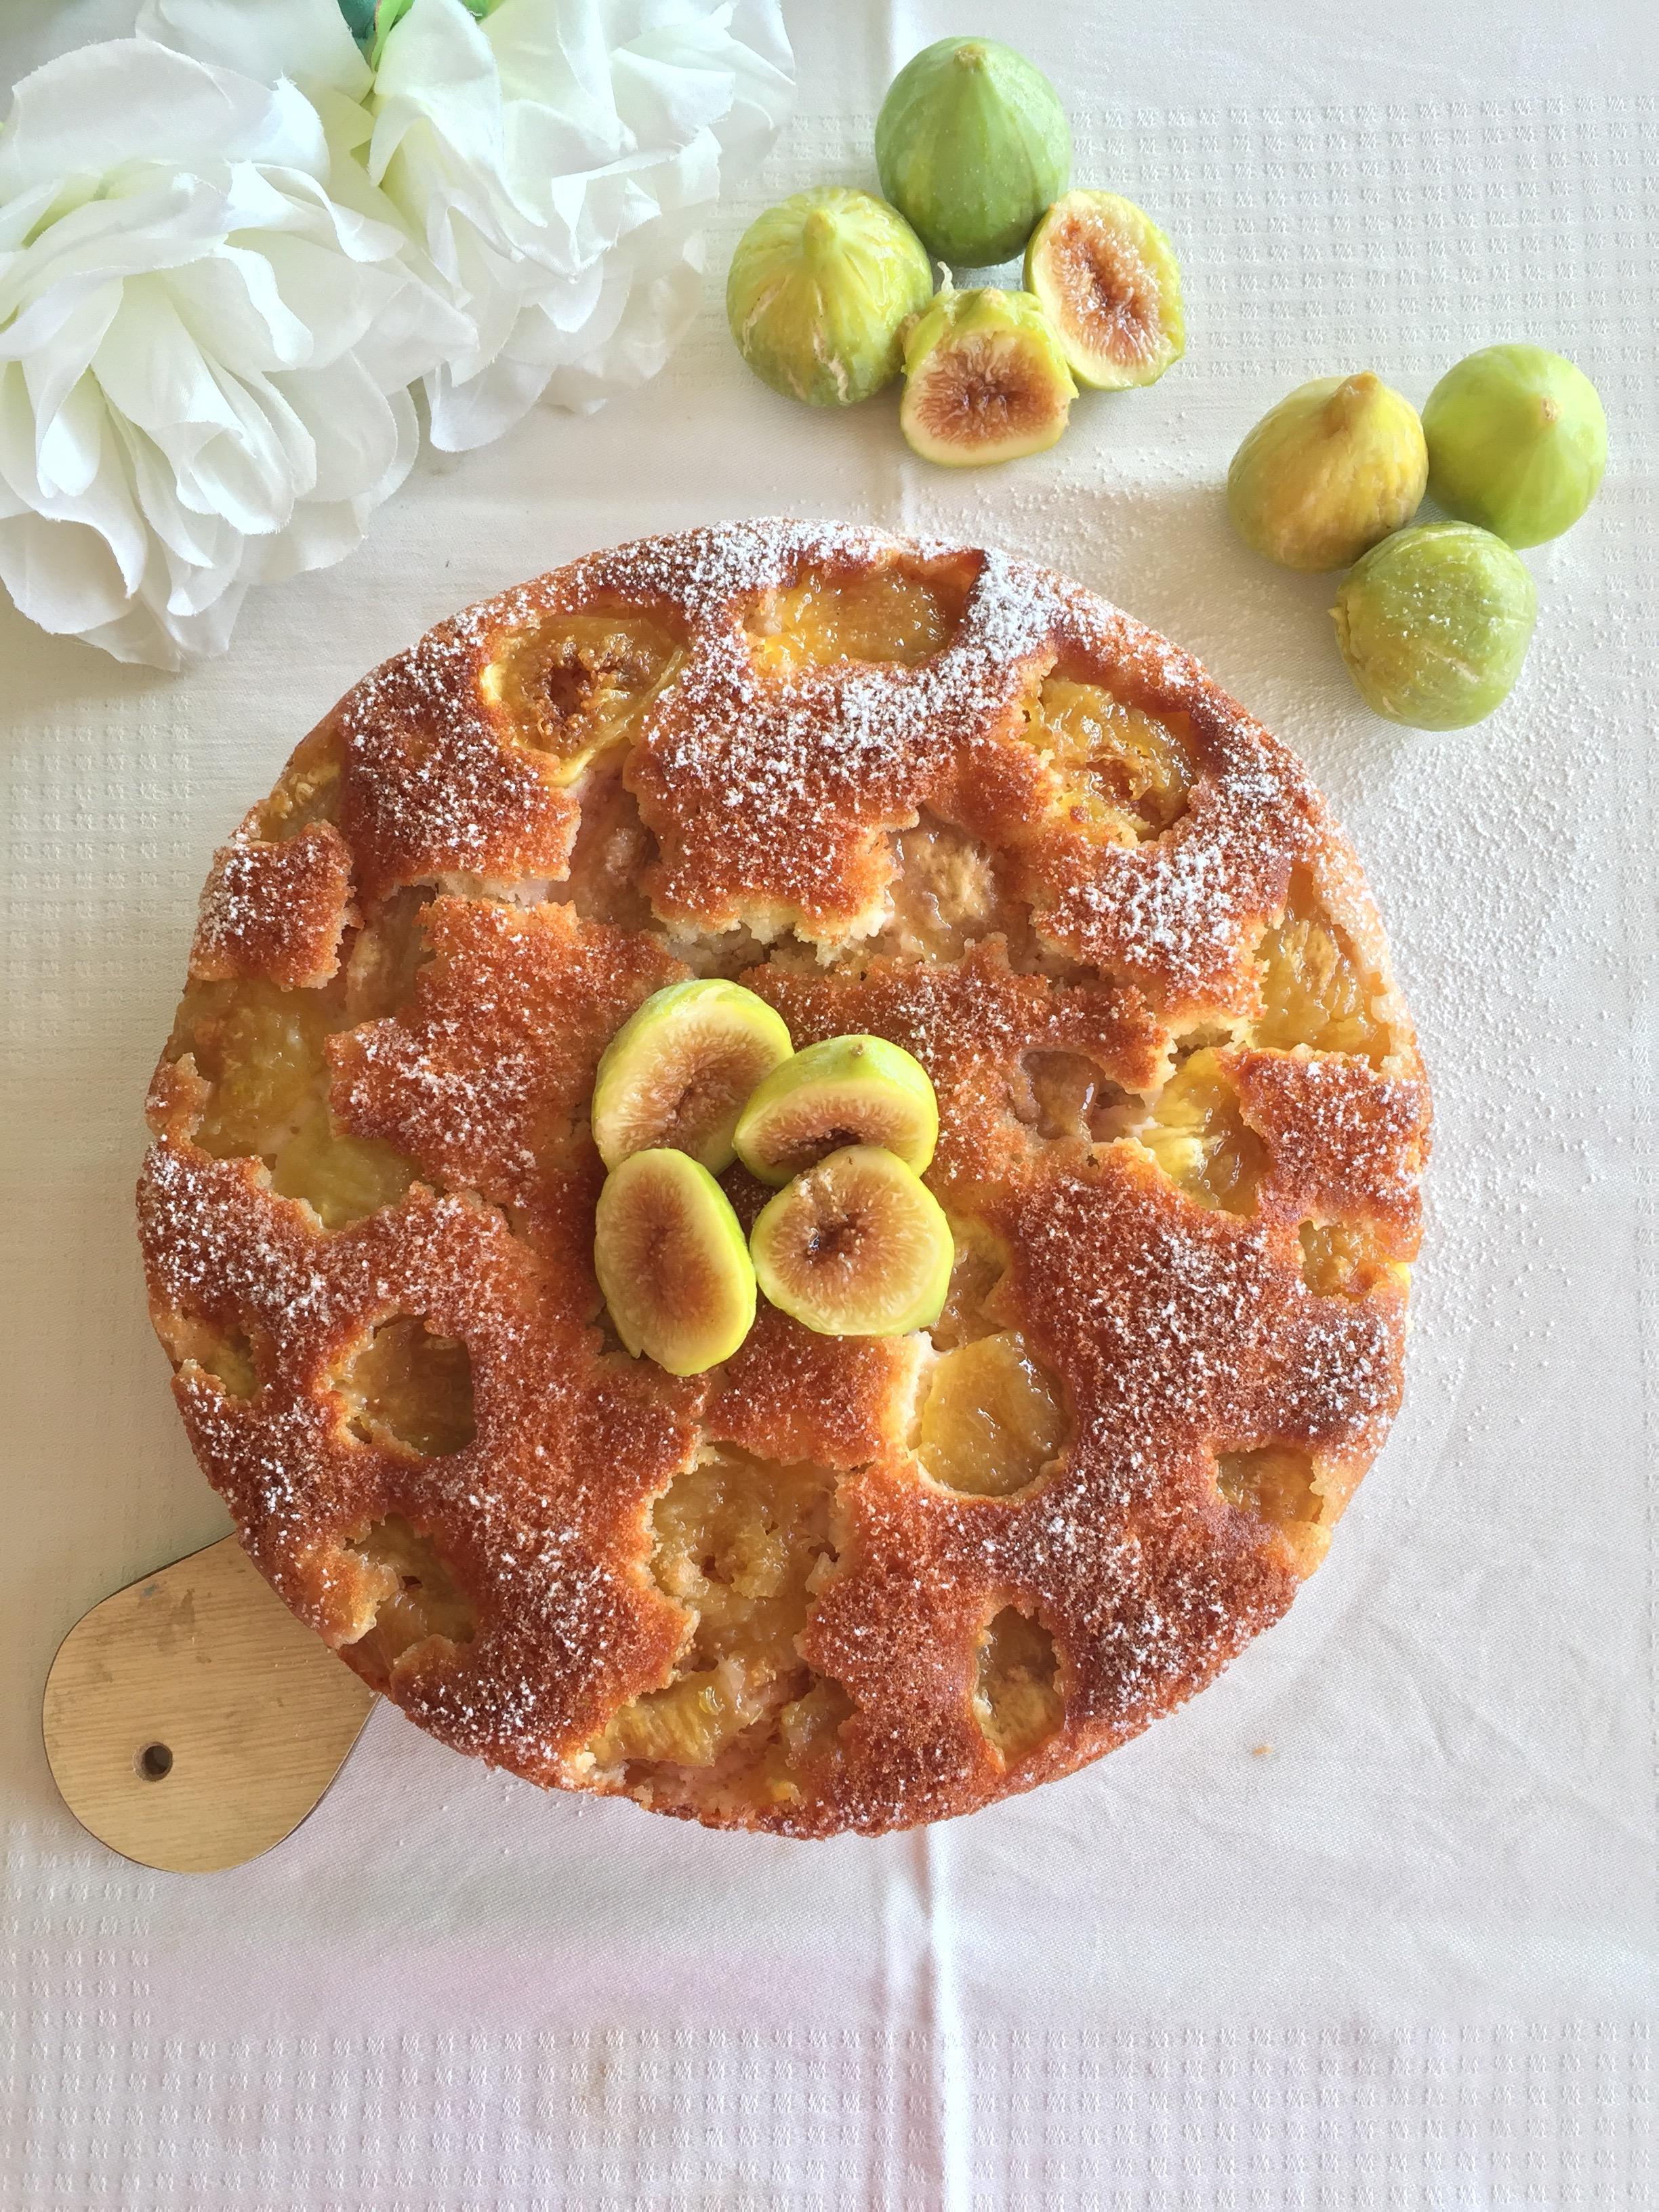 Una Torta di Fichi Senza Burro speciale per la sua consistenza soffice e il gusto goloso di dolci senza burro